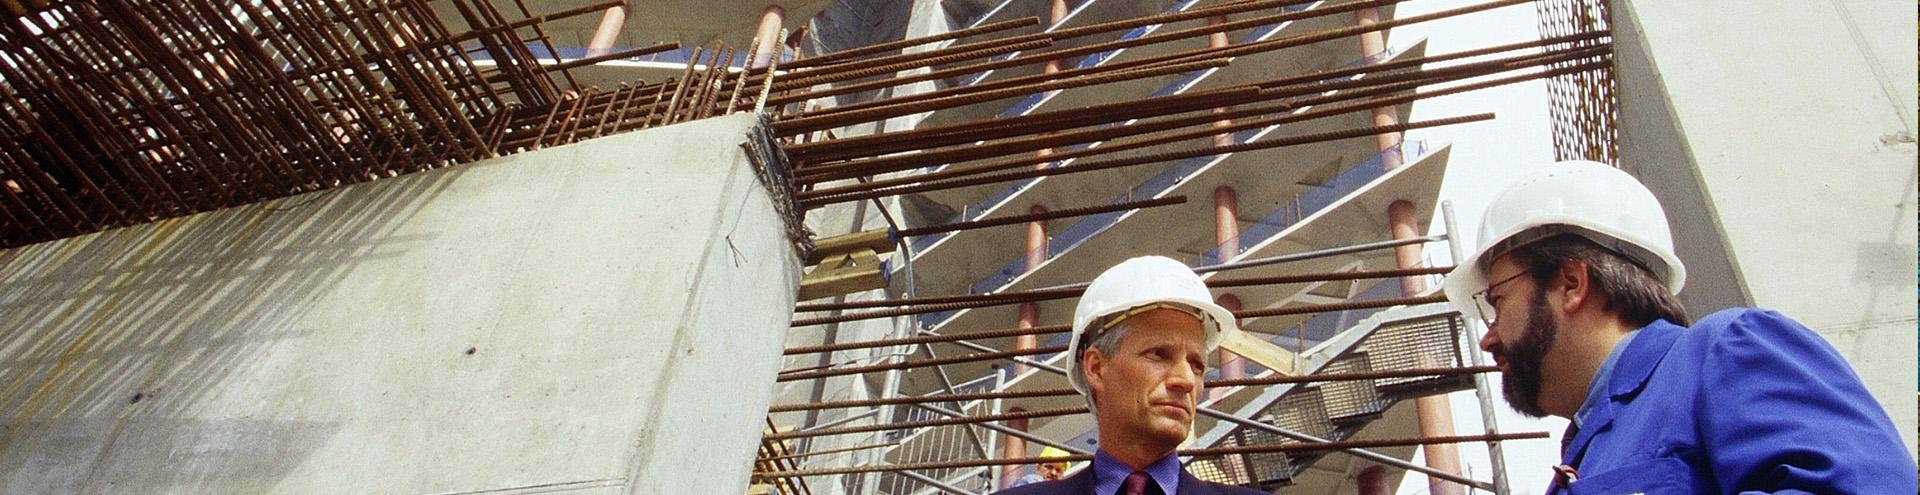 Юрист по долевому строительству в Оренбурге и Оренбургской области